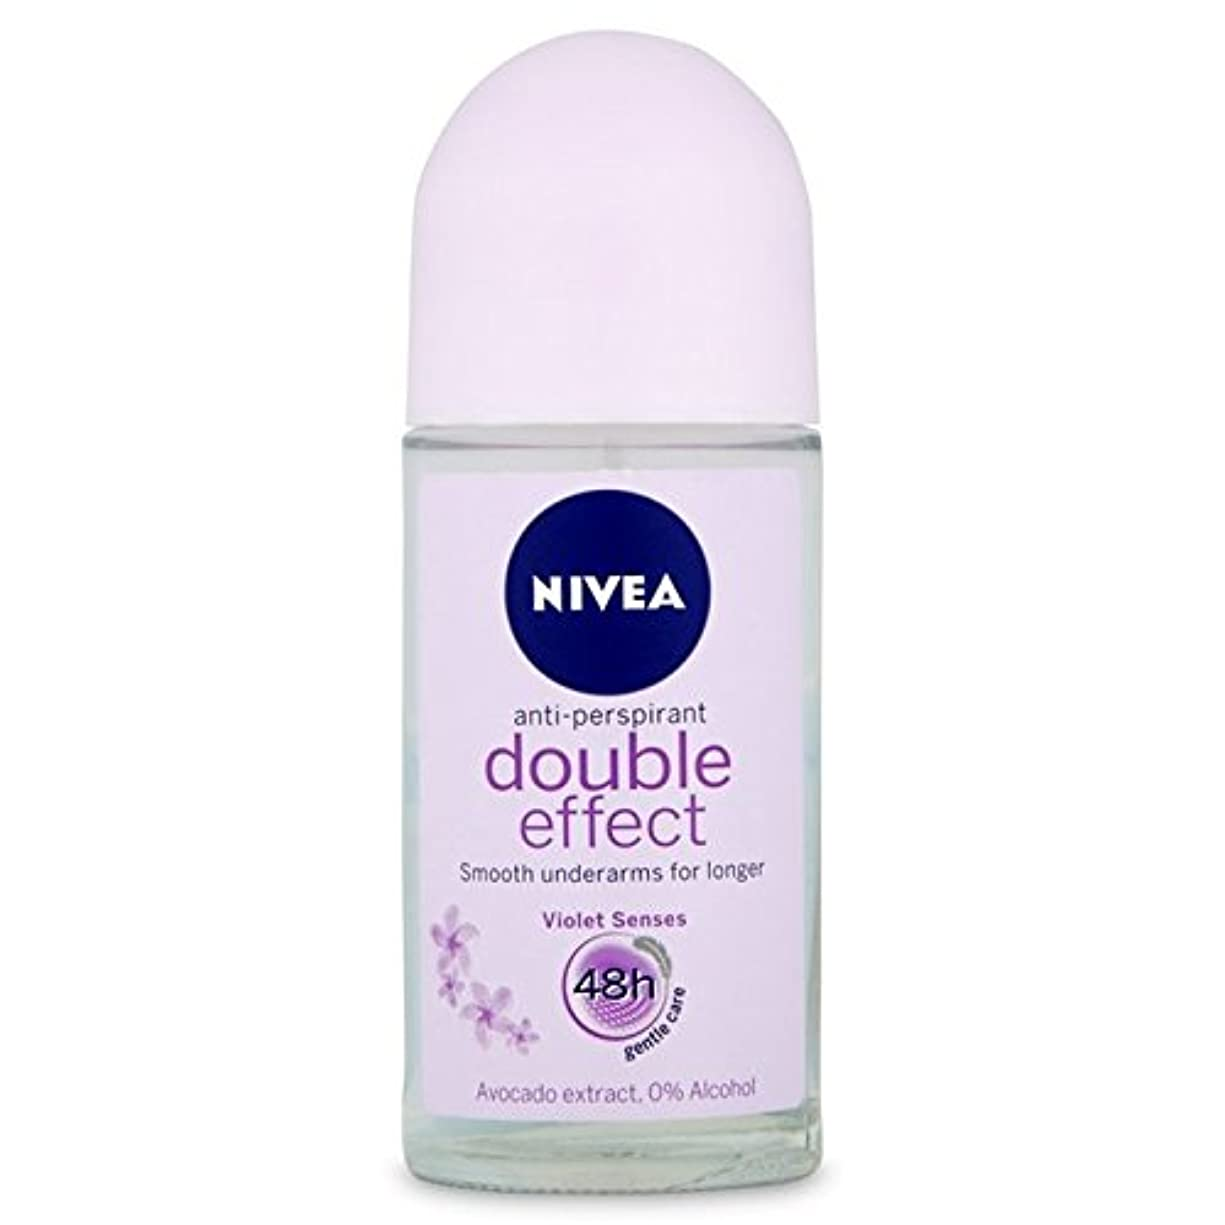 シリーズ個人的な裁判所Nivea Deo Double Effect Gentle Care Roll On Deodorant 50ml - 消臭50ミリリットルのニベアダブル効果優しくケアロール [並行輸入品]